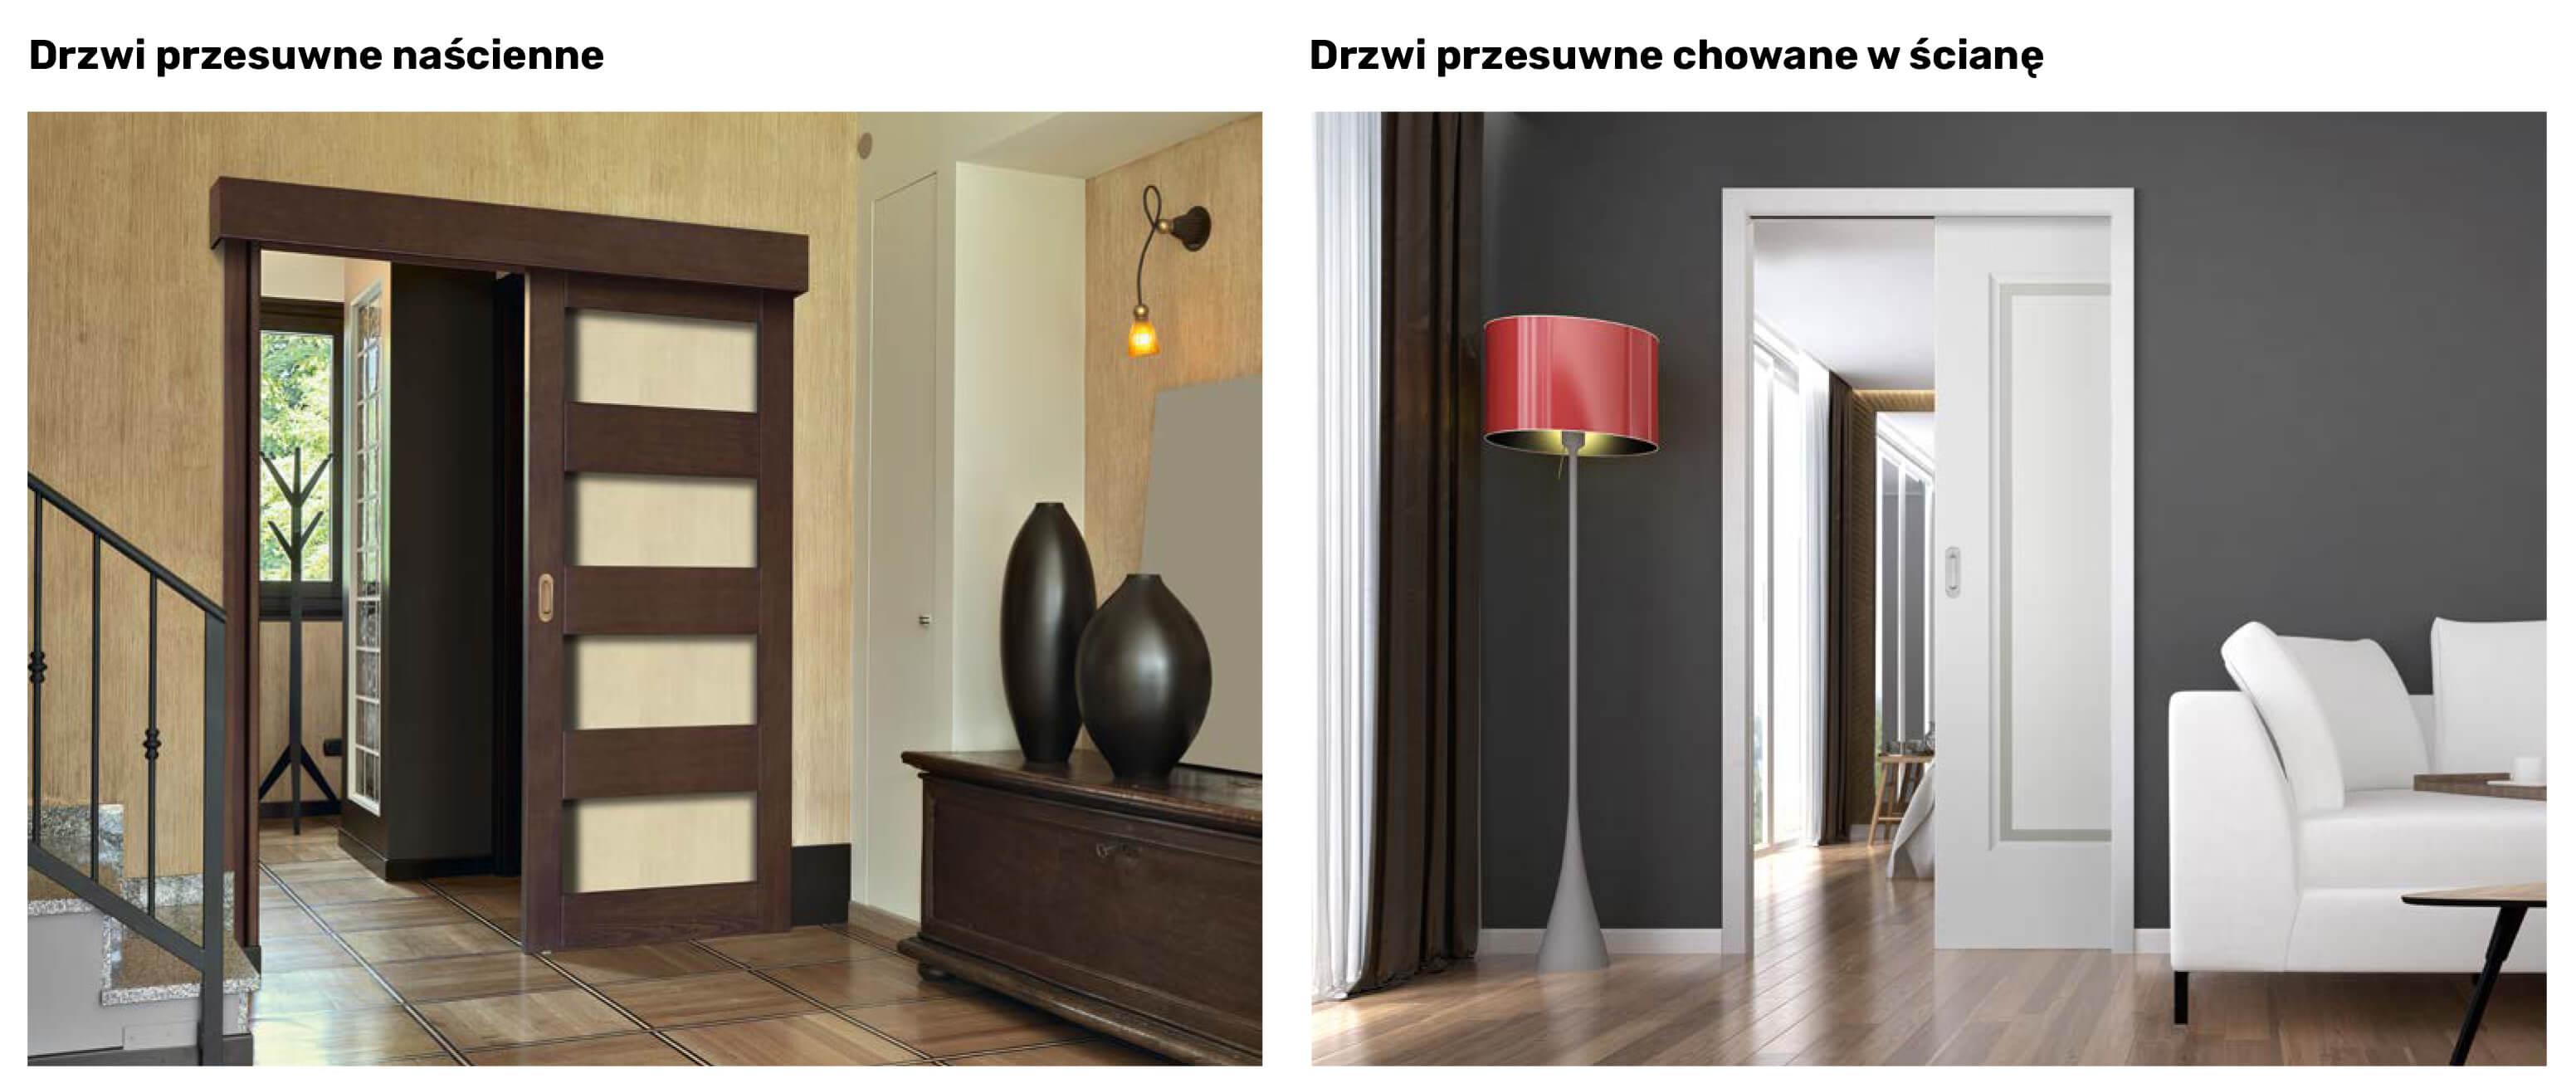 Drzwi przesuwne naścienne i drzwi przesuwne chowane w ścianę